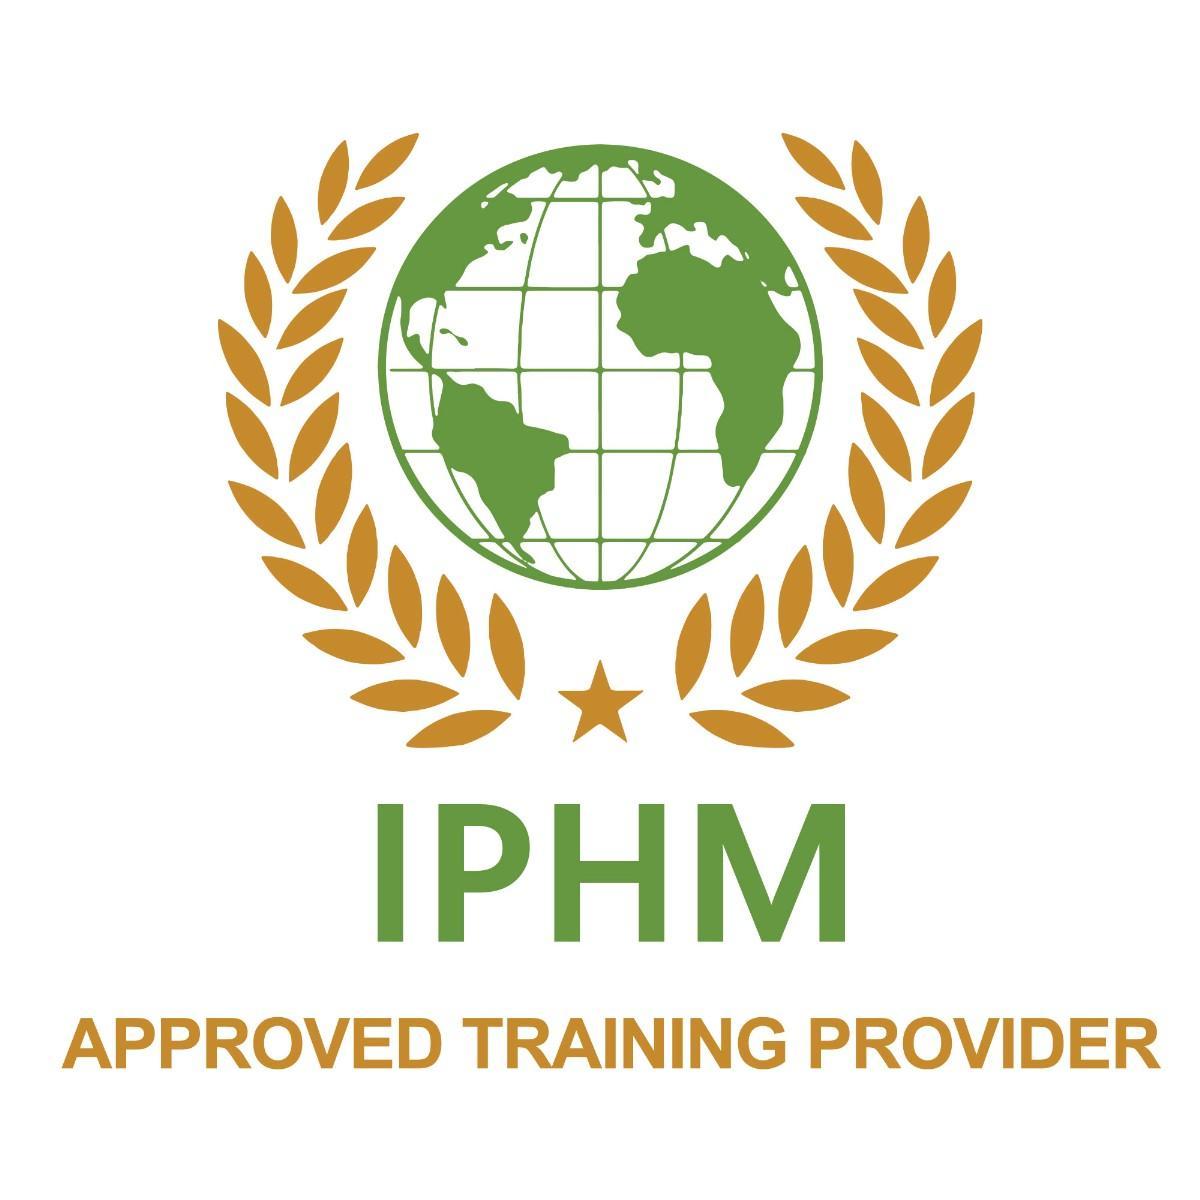 iphmlogo-approved-trainingprovider.jpg